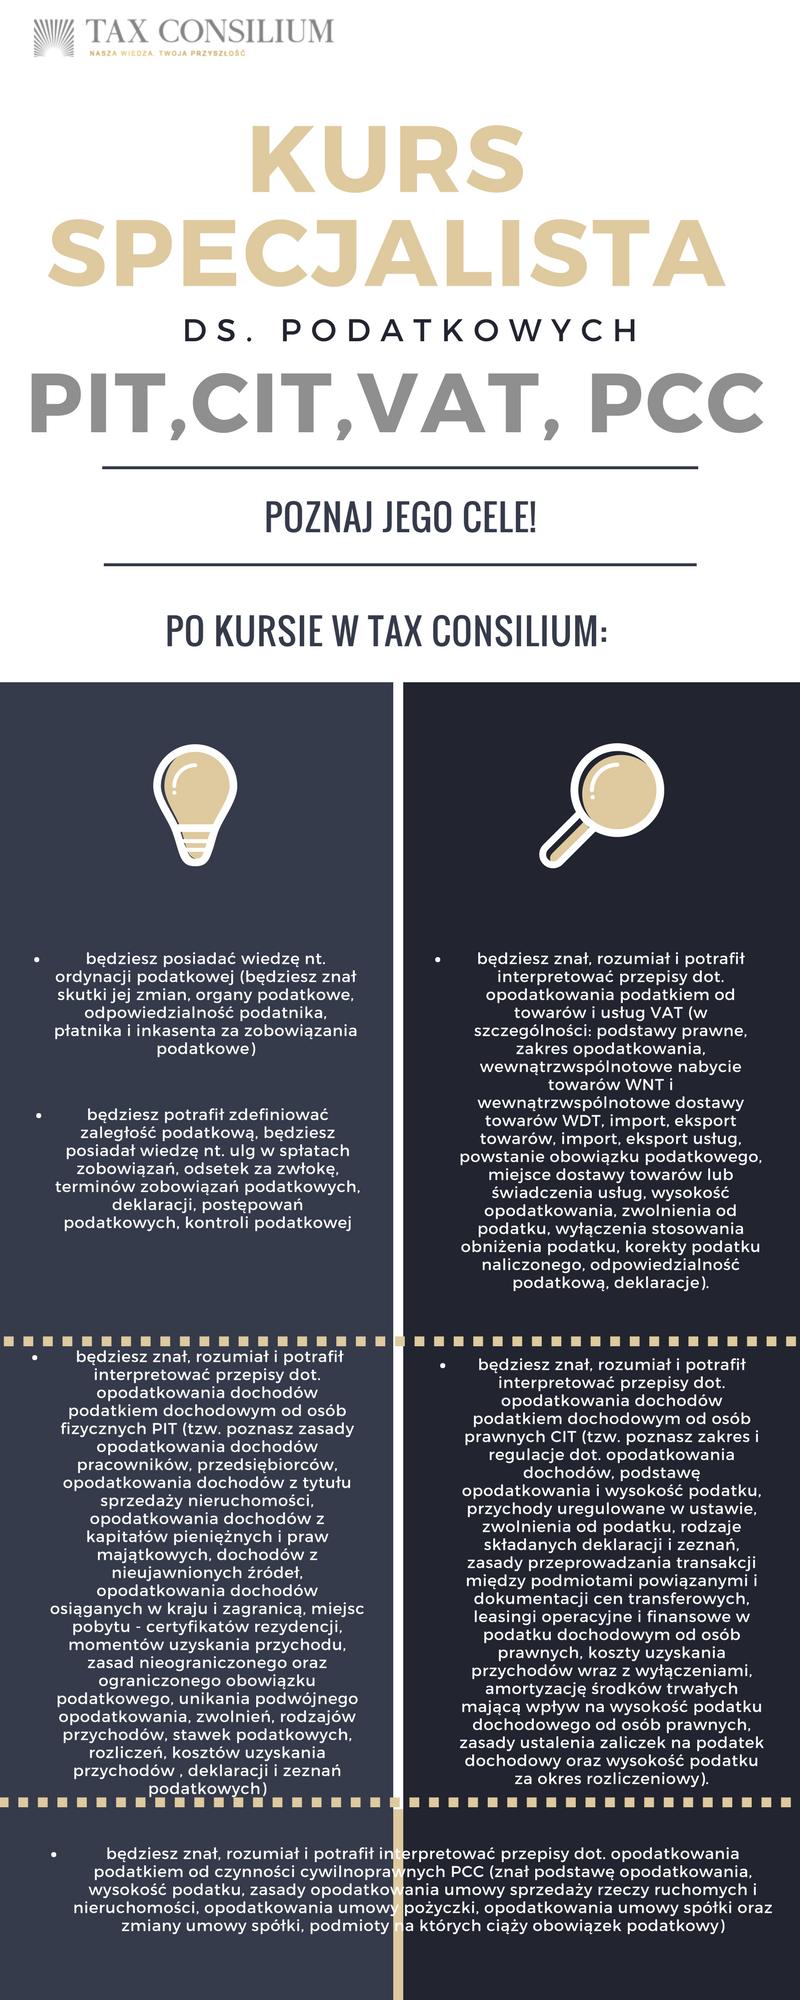 https://www.taxconsilium.com/wp-content/uploads/2018/03/Cel-Kursu-Specjalista-ds.-Podatkowych.png